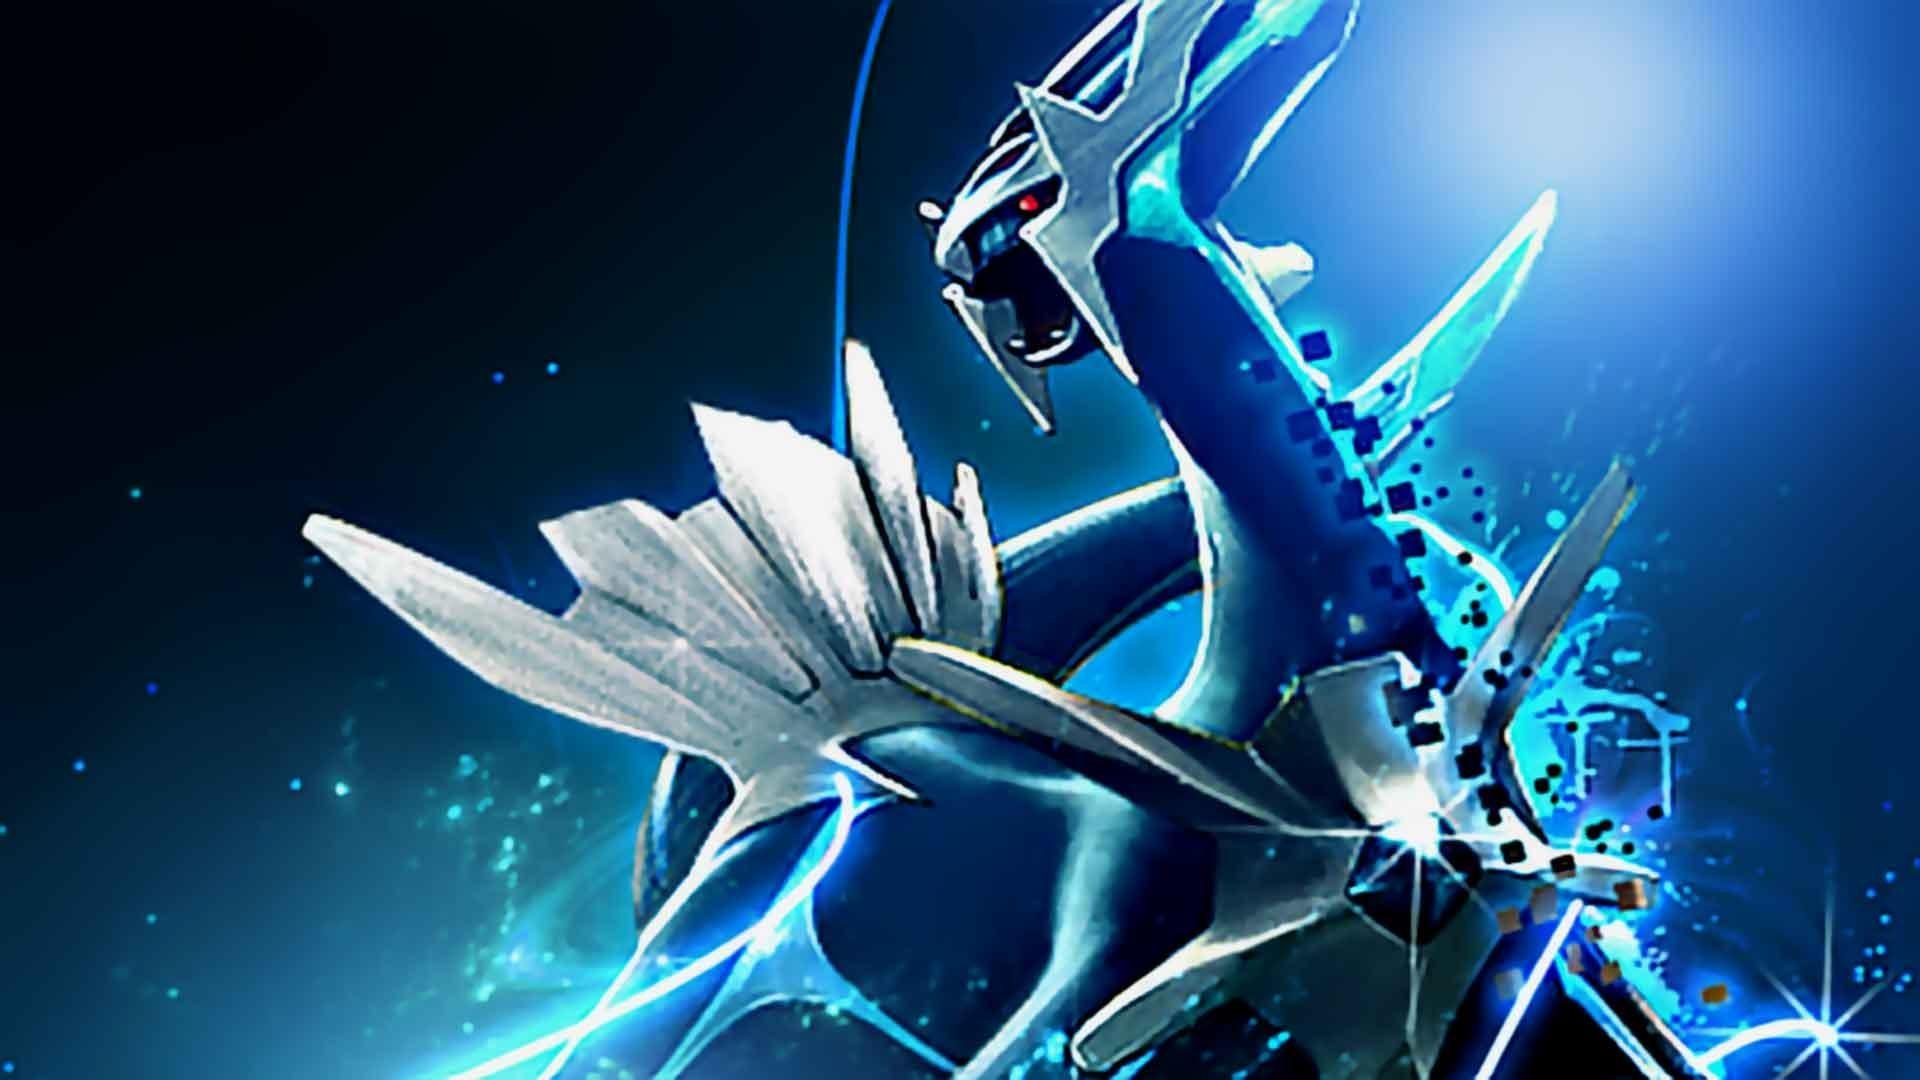 wallpaper.wiki-Backgrounds-HD-Epic-Pokemon-PIC-WPB006372